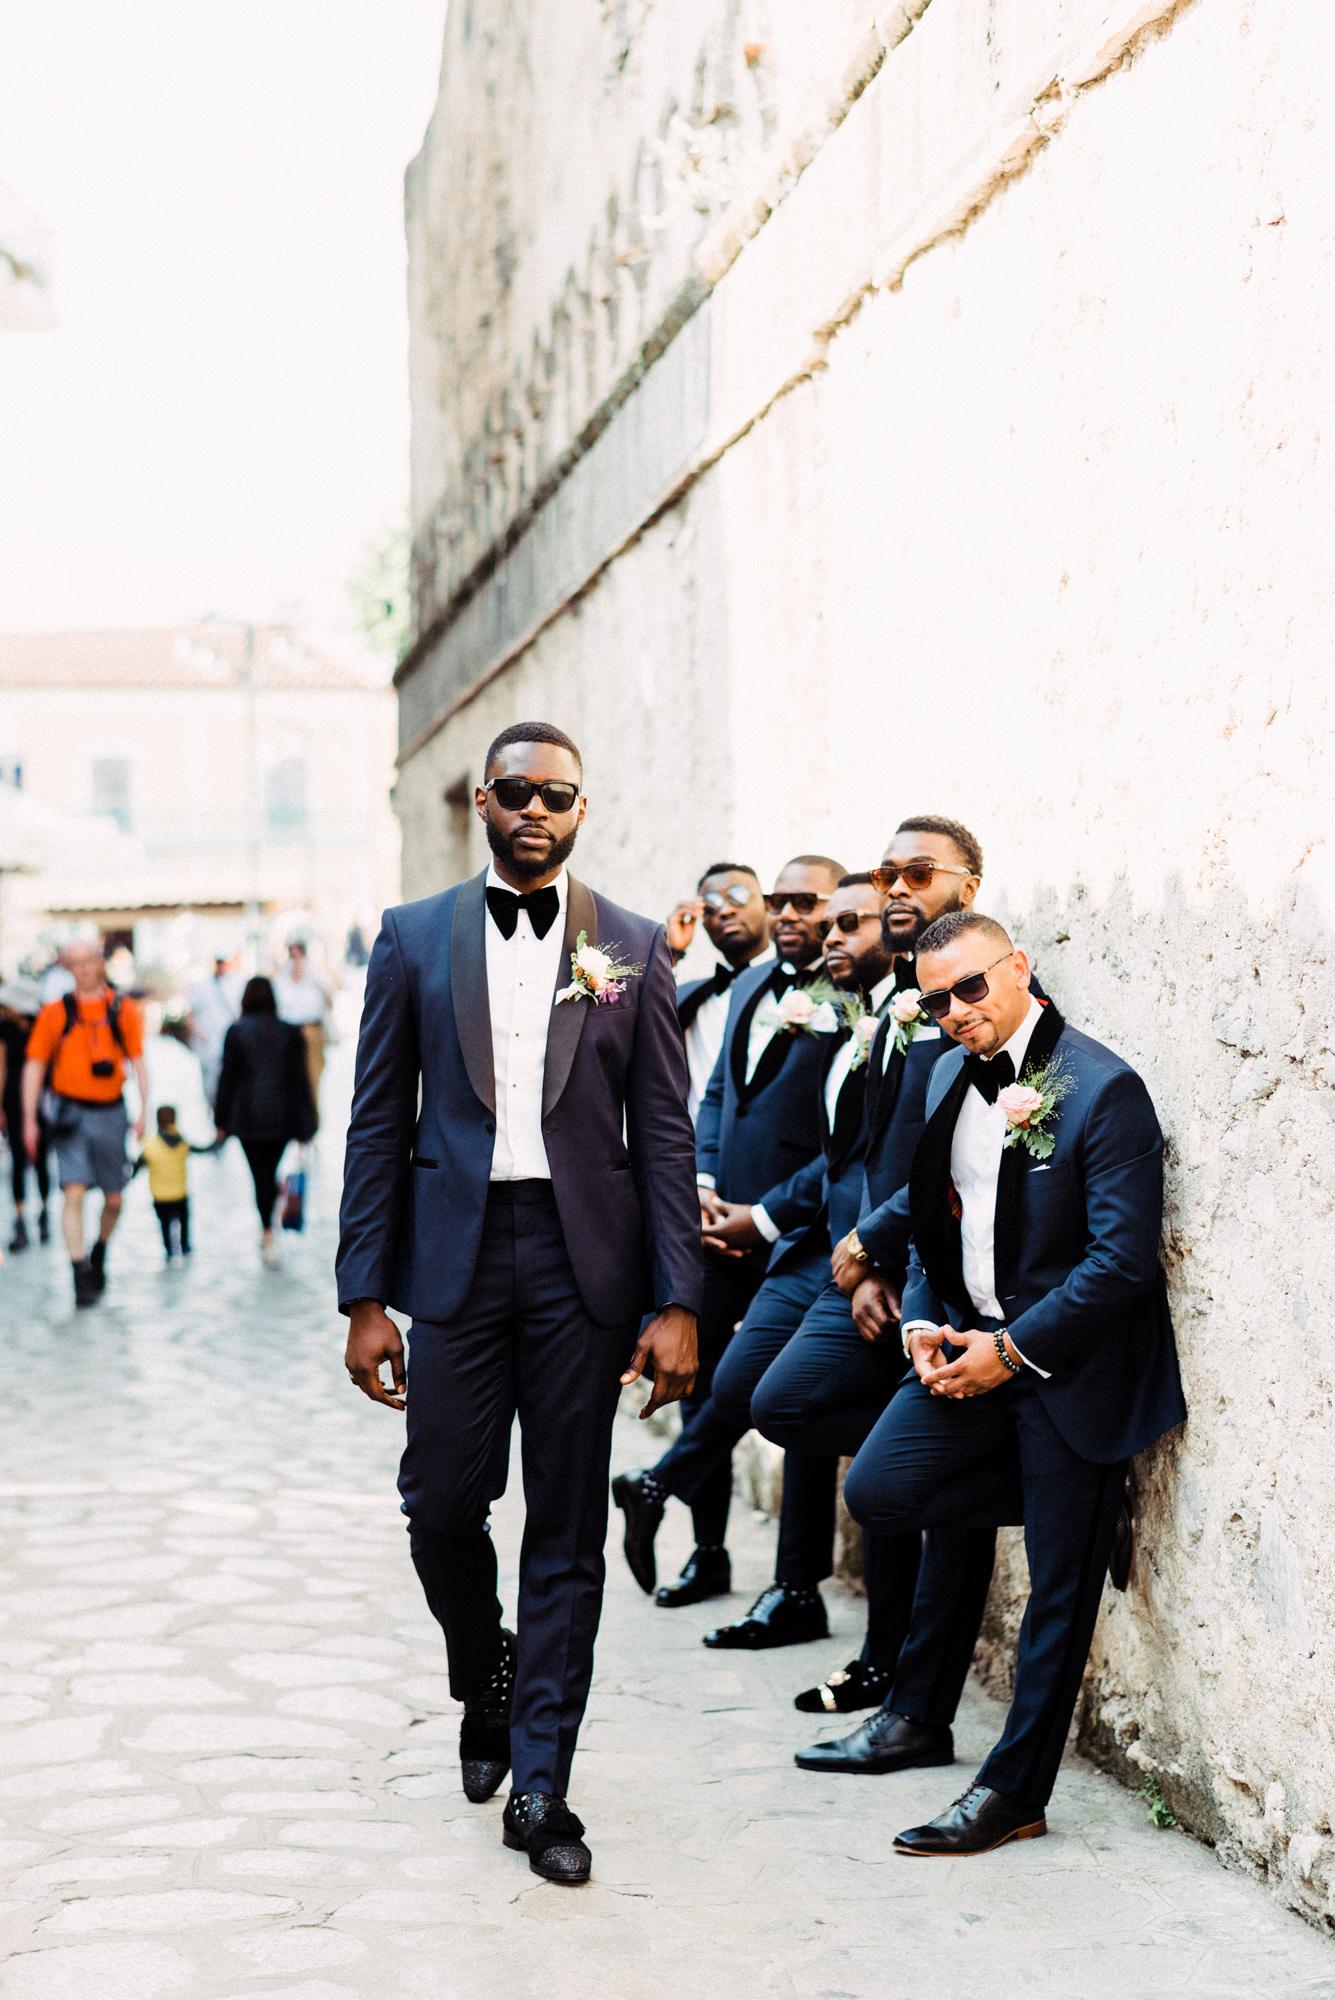 onome efe wedding groom and groomsmen